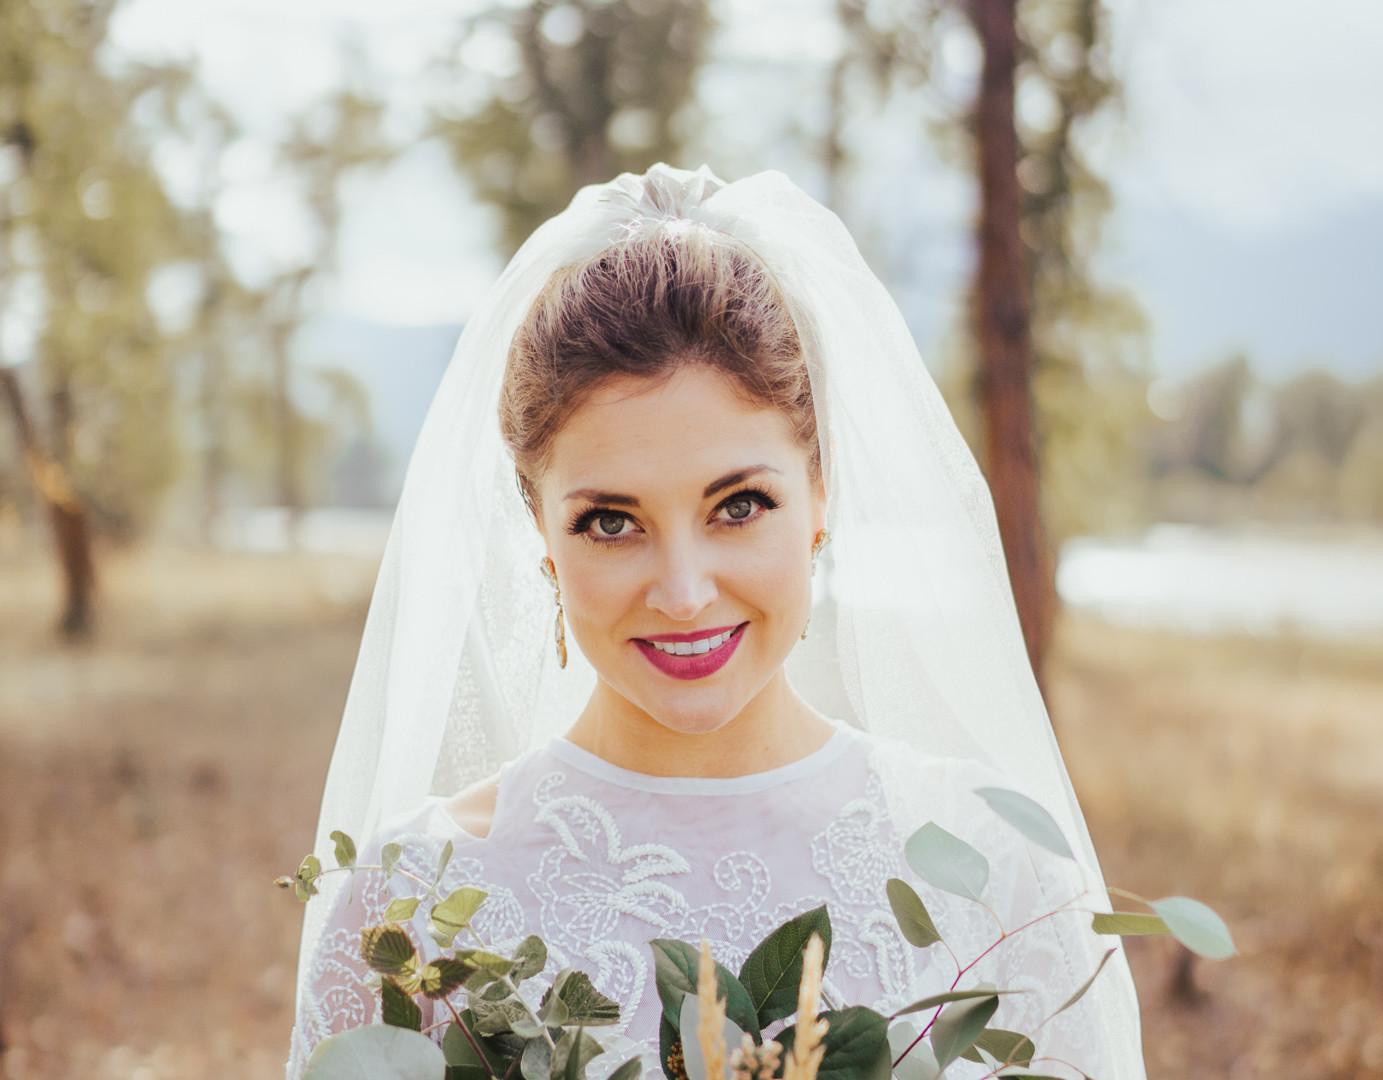 Woodlen Bride